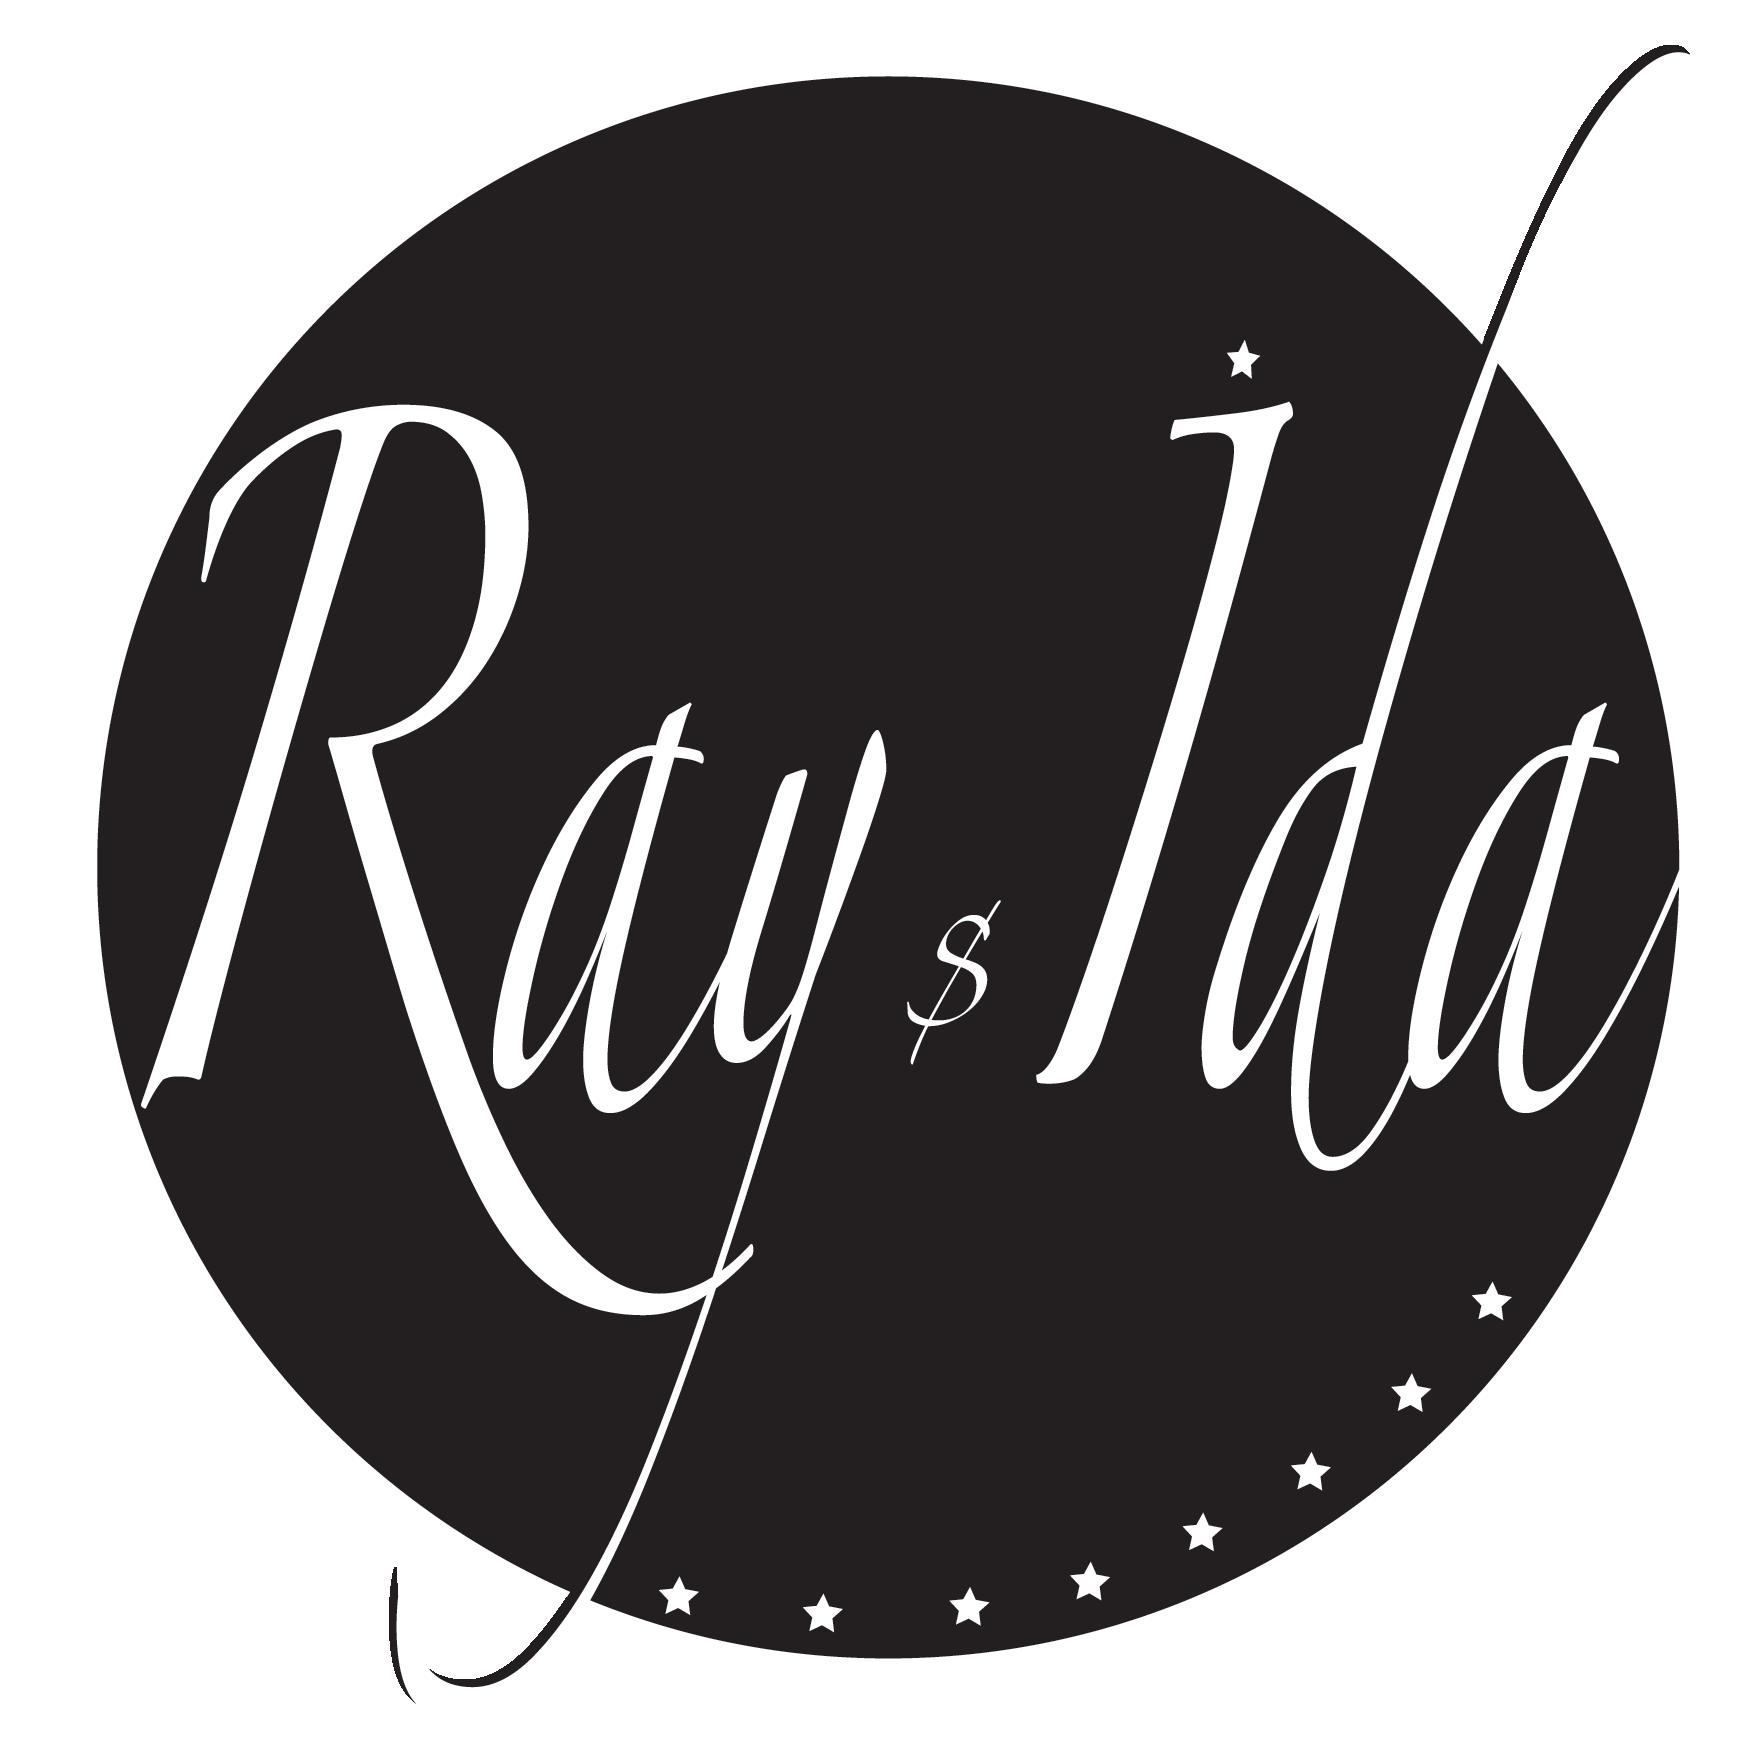 Ray-Ida-2016-Master-LOGO3.png